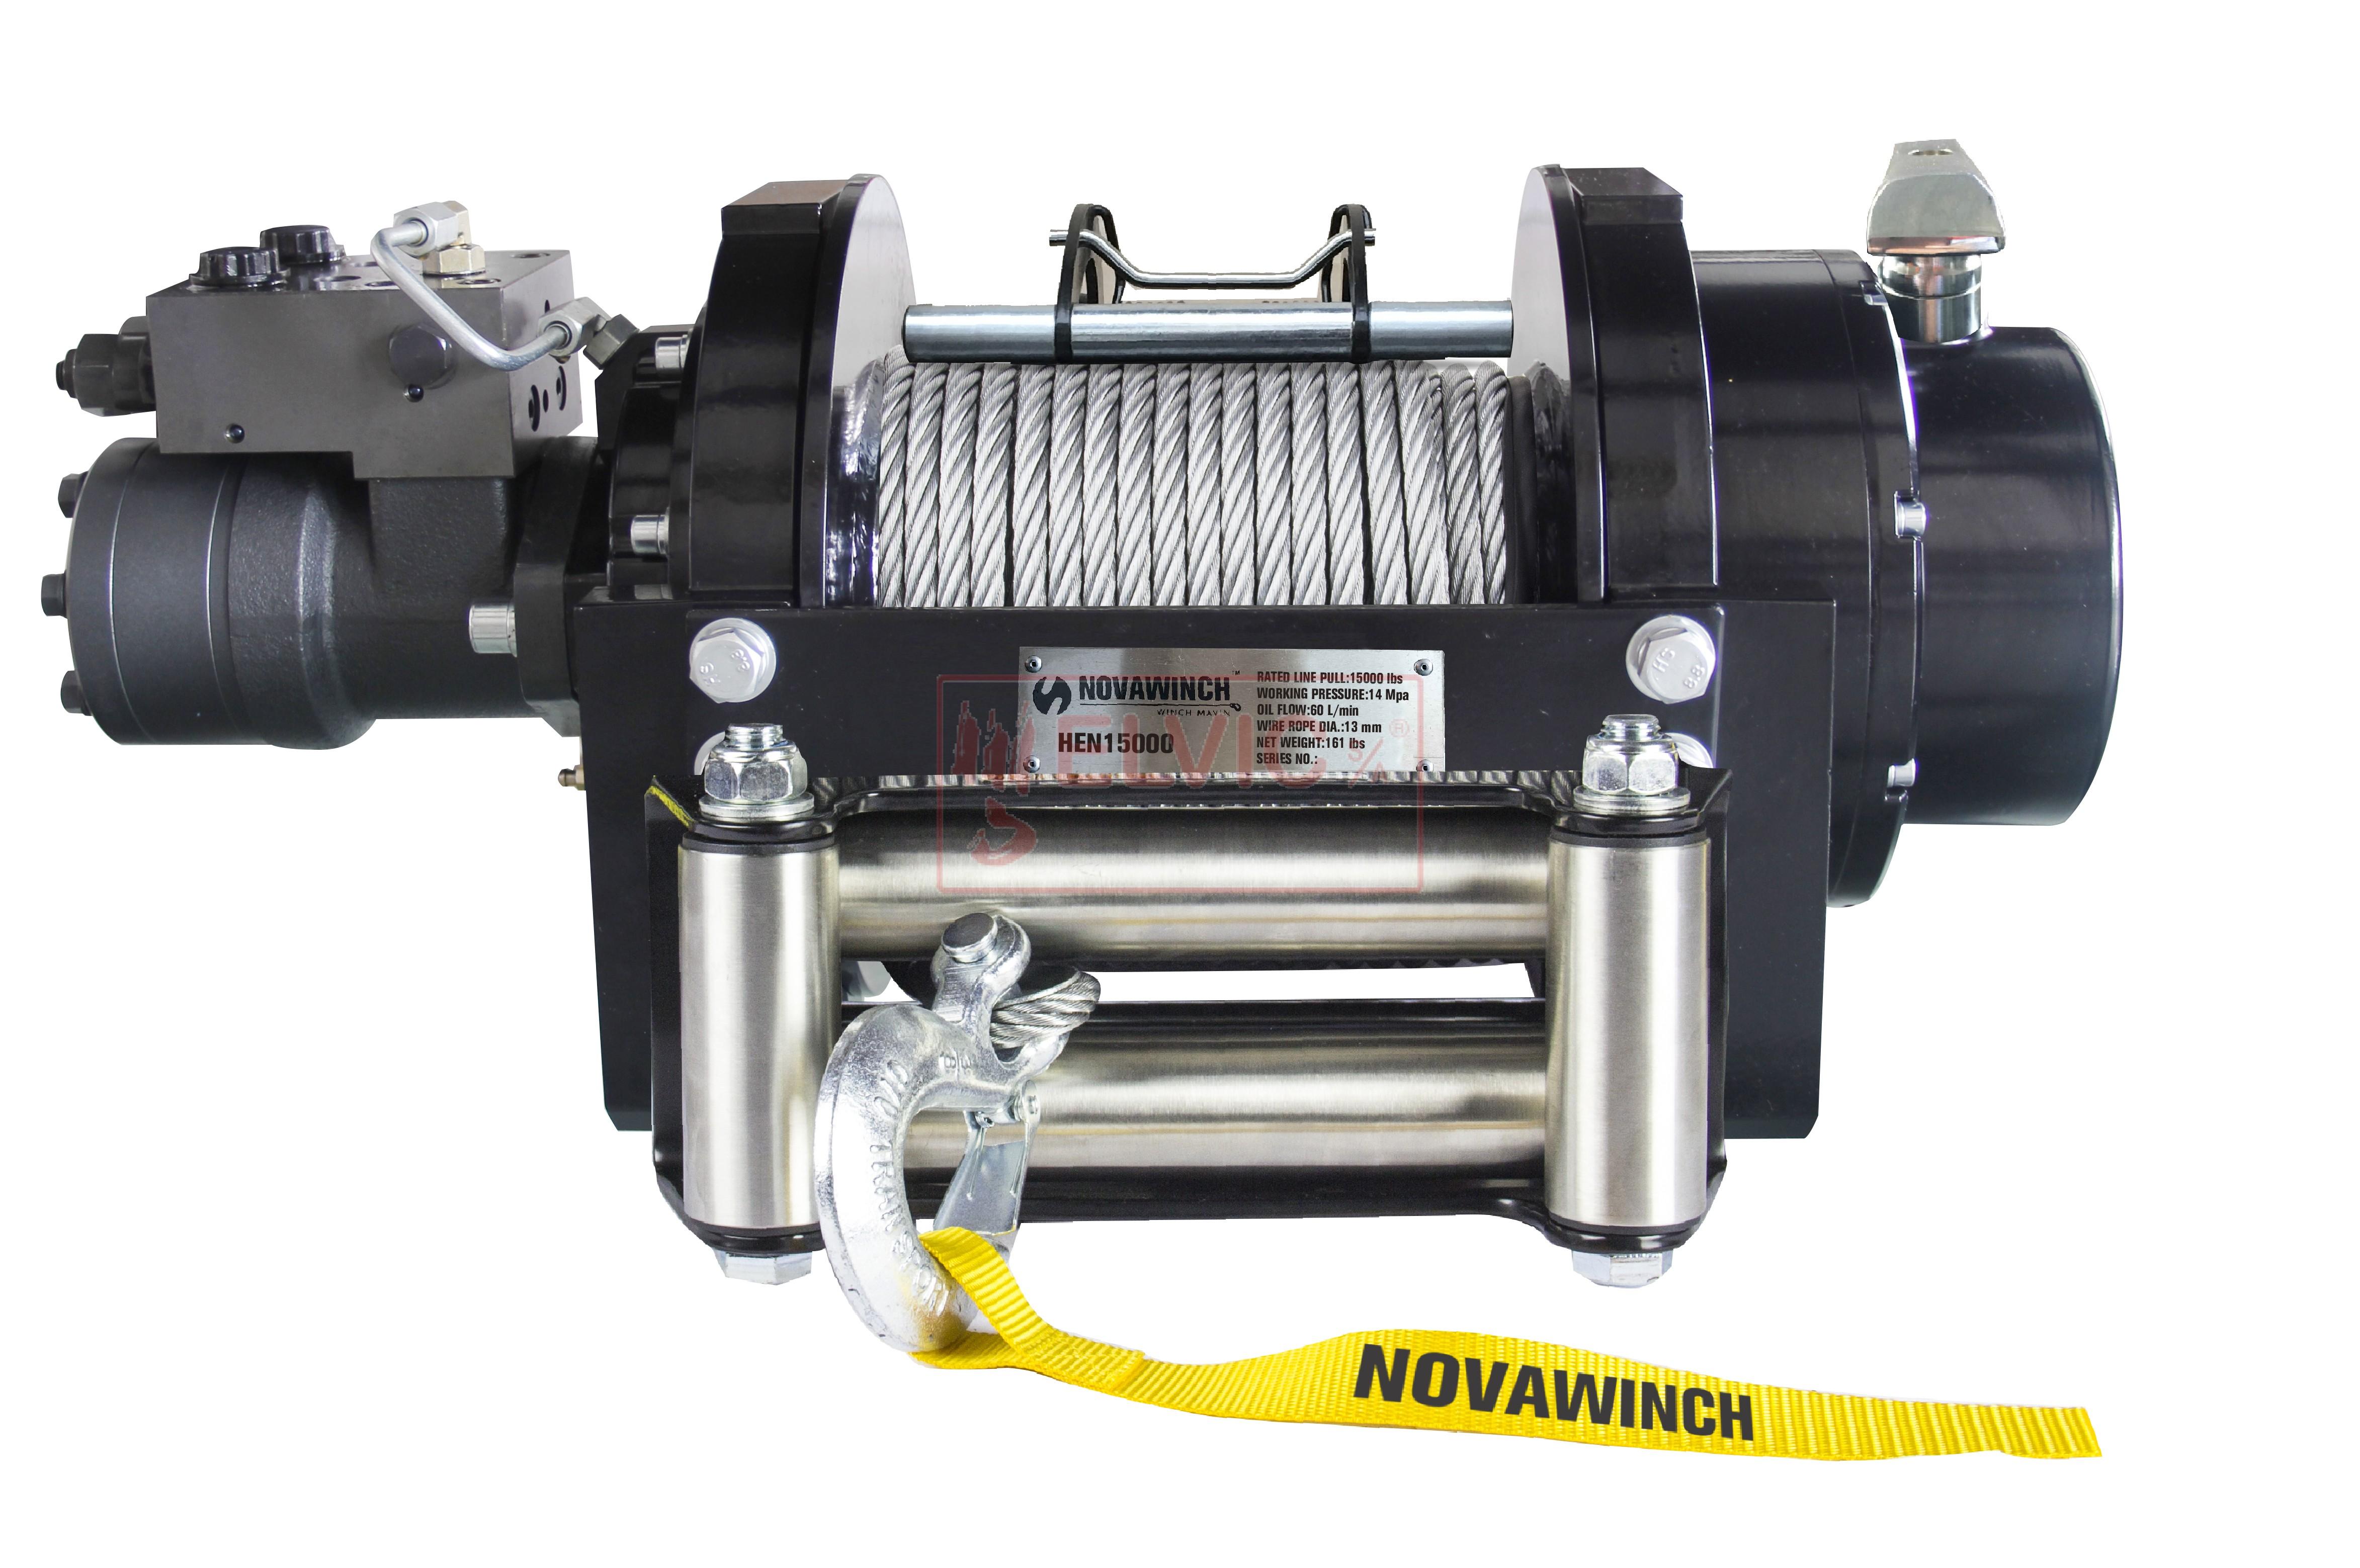 CABRESTANTE NOVAWINCH HIDRÁULICO HEN 15000  +G+T (6.810 Kg)(6.810 Kg)